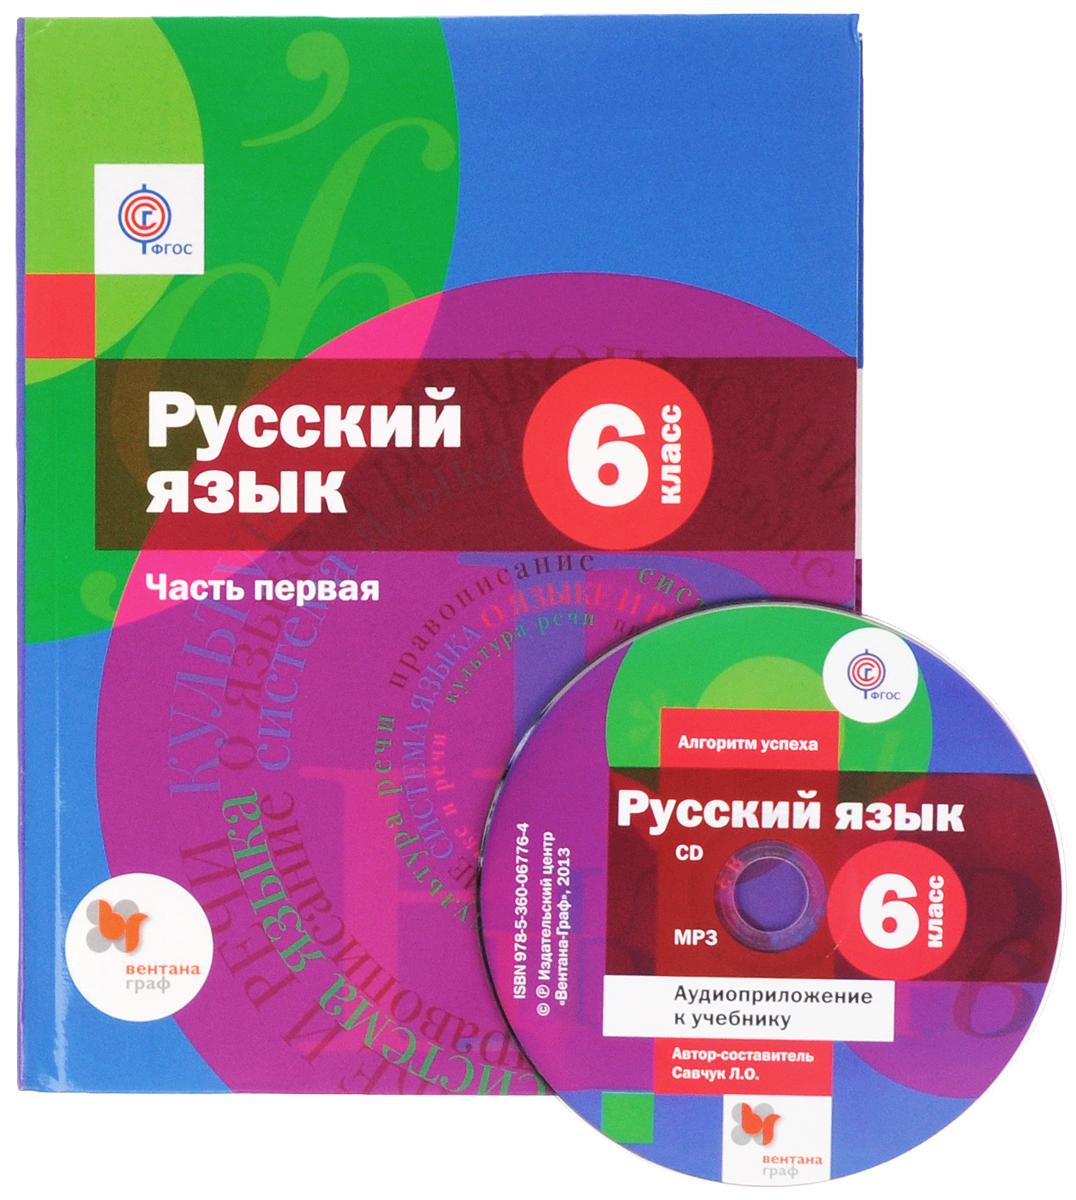 Поурочные разработки по русскому языку 6 класс шмелев скачать